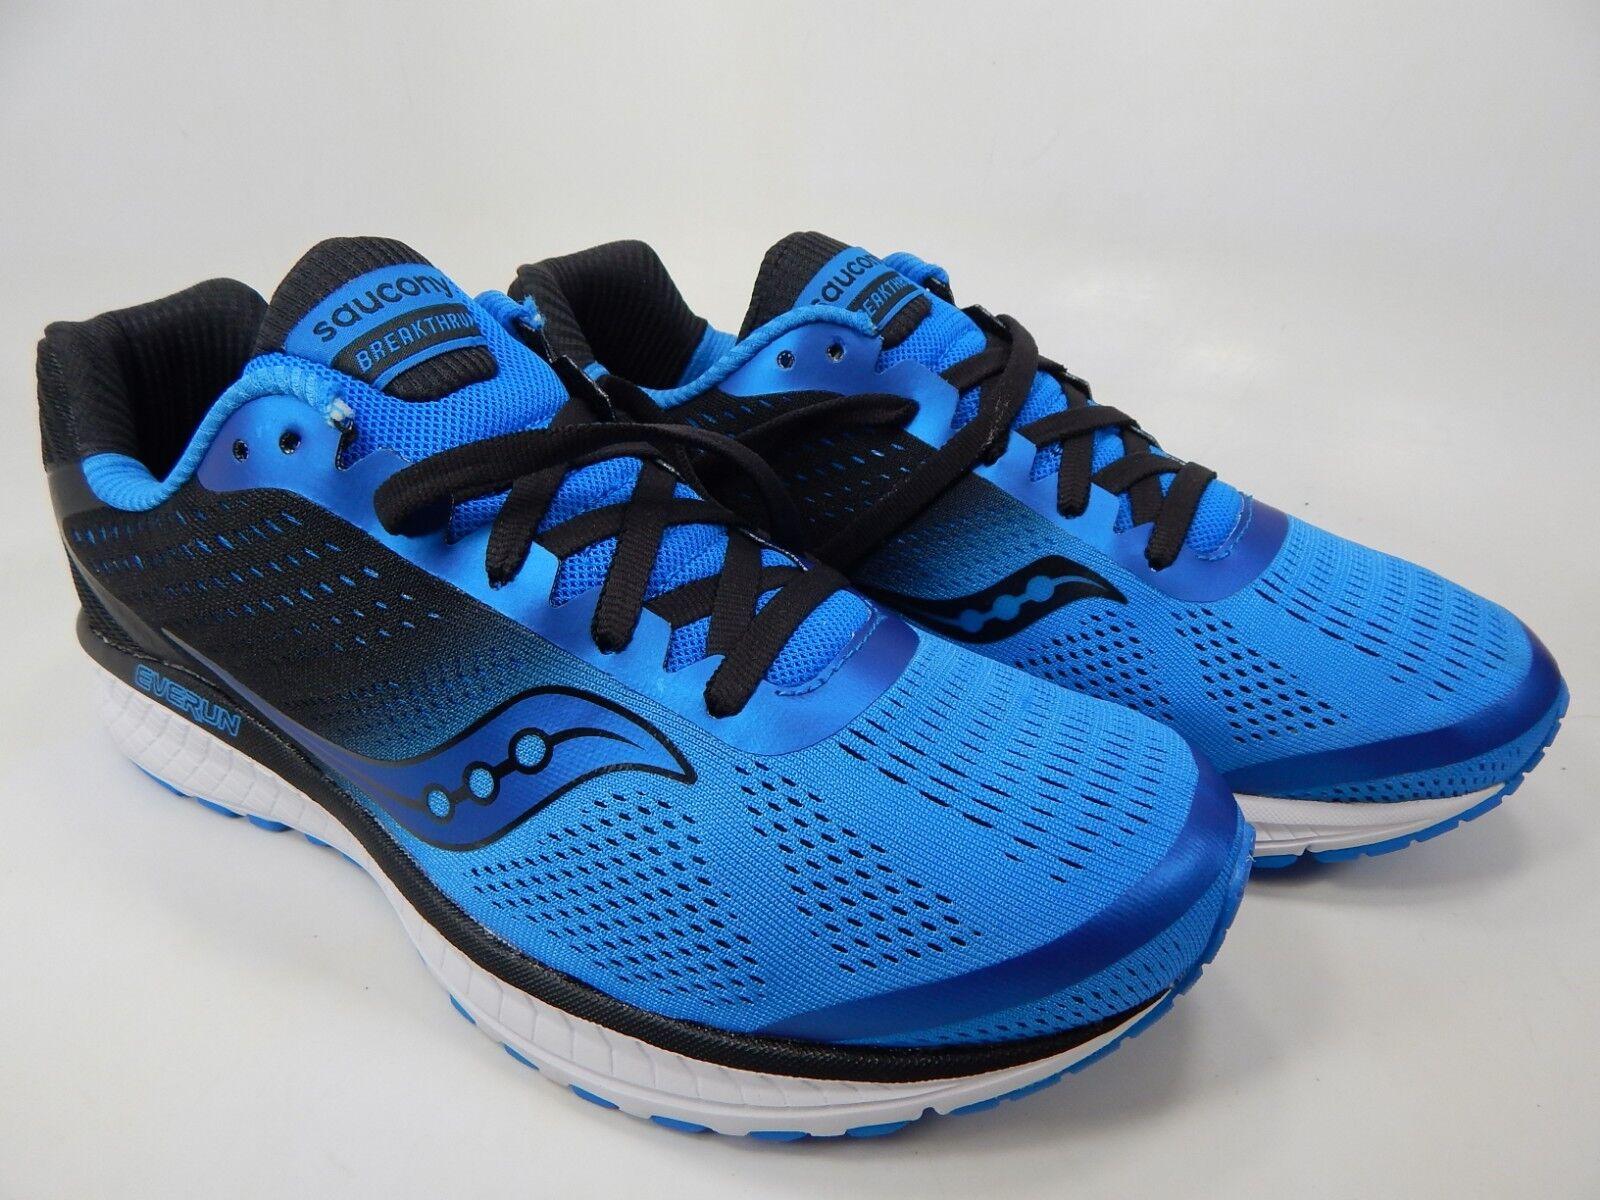 Saucony Breakthru 4 Tamaños 9M (D) Ue 42,5 Hombre Zapatillas para Correr Azul